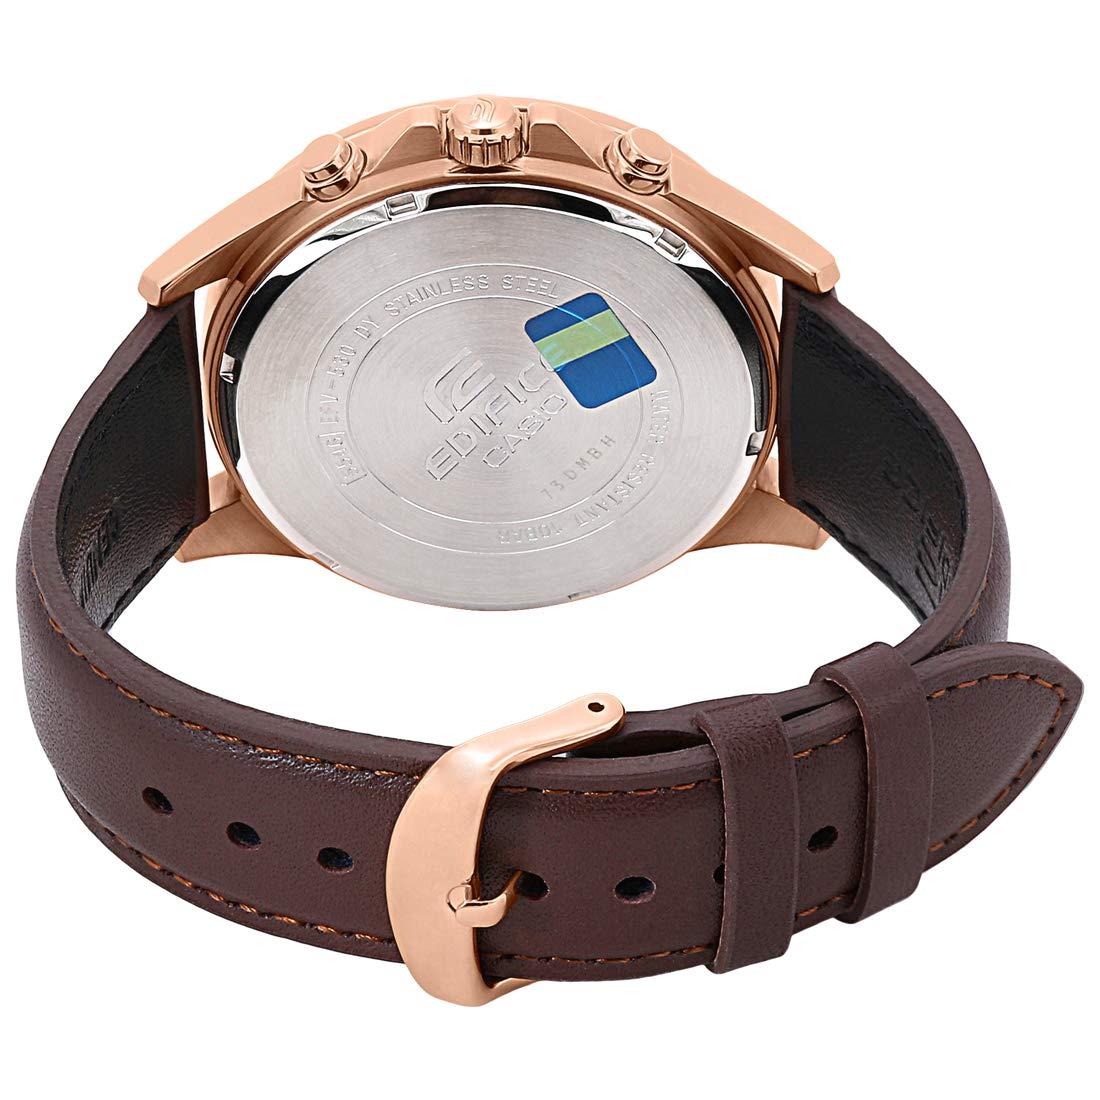 8dc1037ea9b Relógio Casio Edifice Analógico Masculino Cronógrafo EFV-530GL-5AVUDF   Amazon.com.br  Amazon Moda